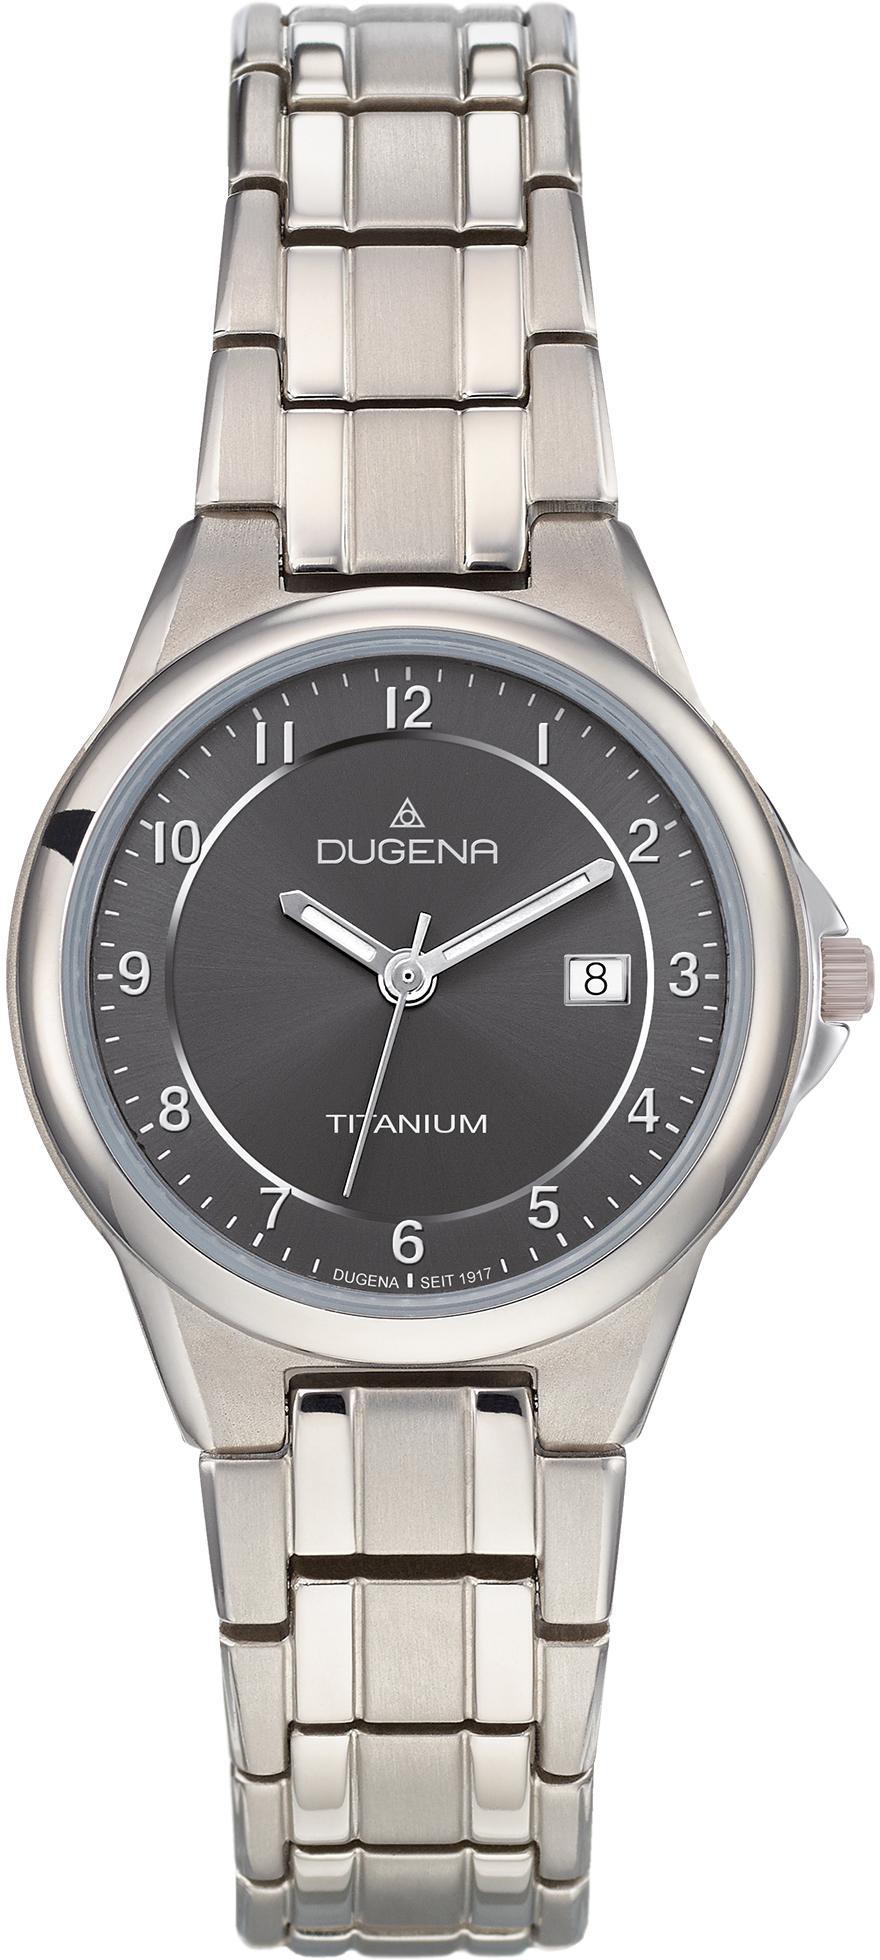 Dugena Titanuhr Gent 4460514   Uhren > Titanuhren   Dugena